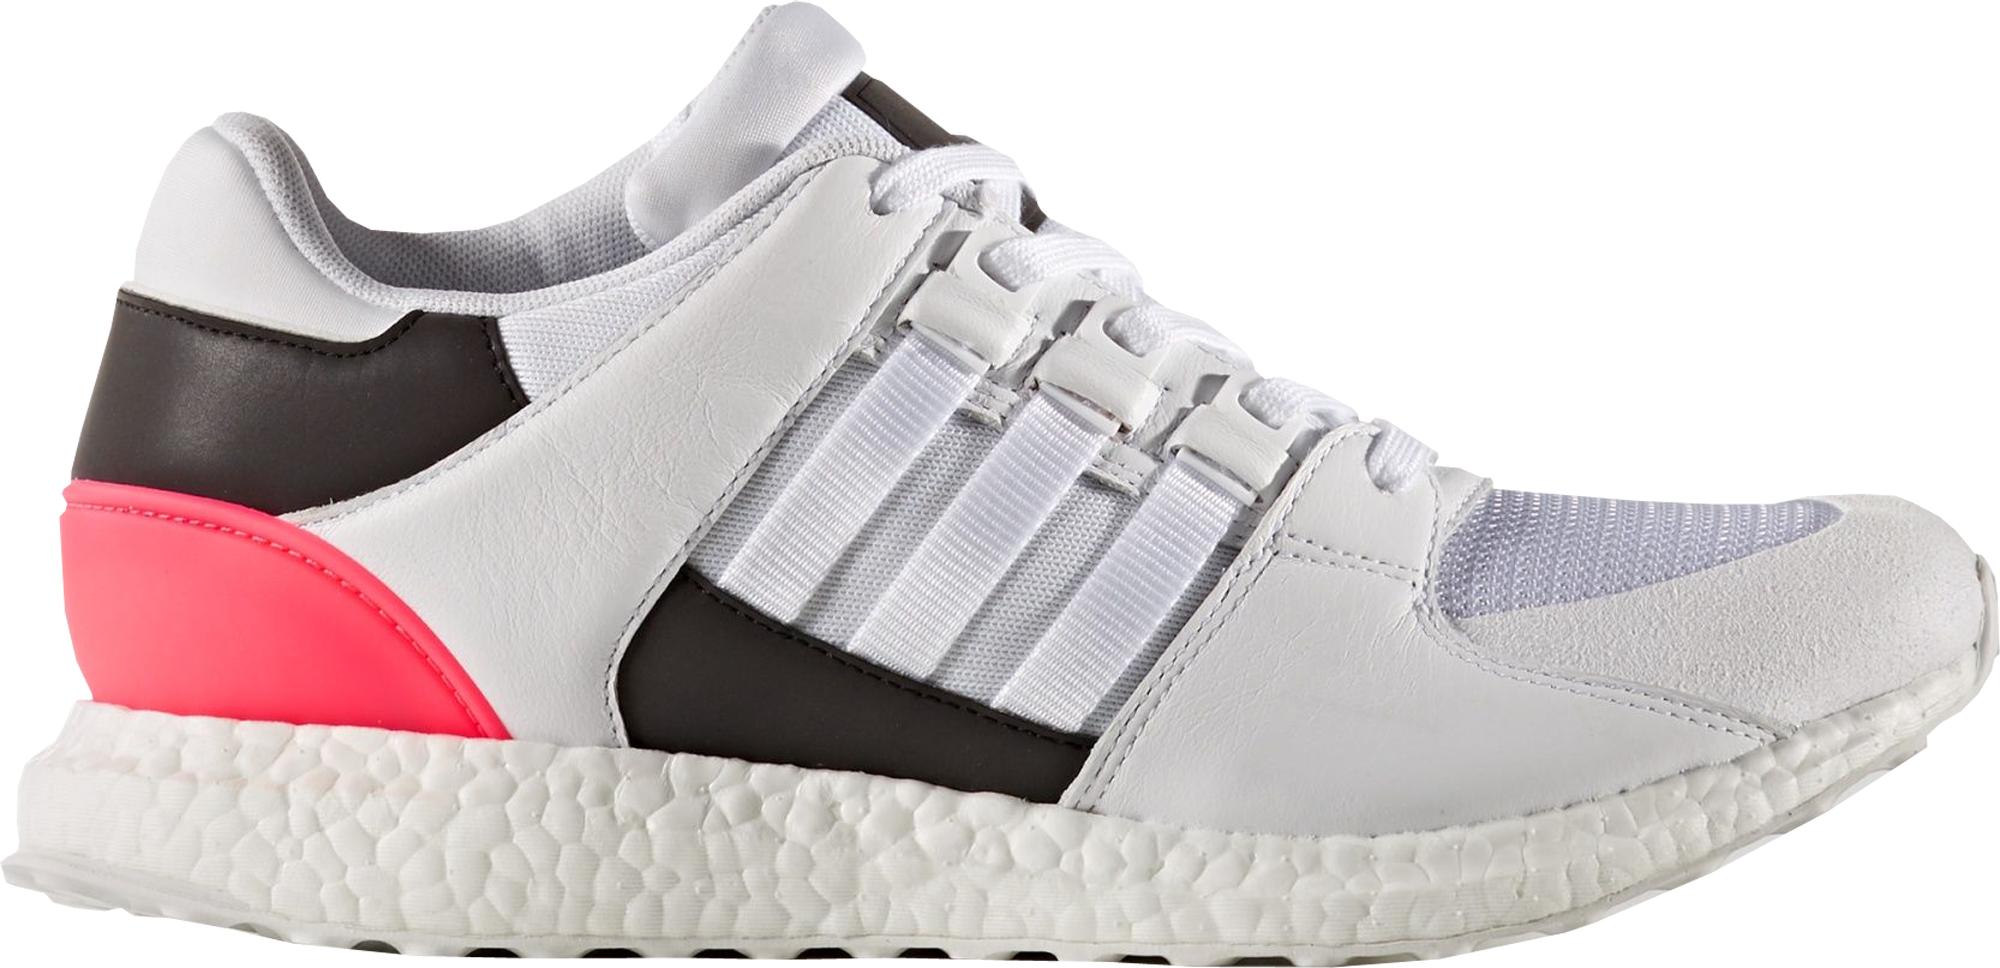 Adidas Equipment Running Guidance White Mens